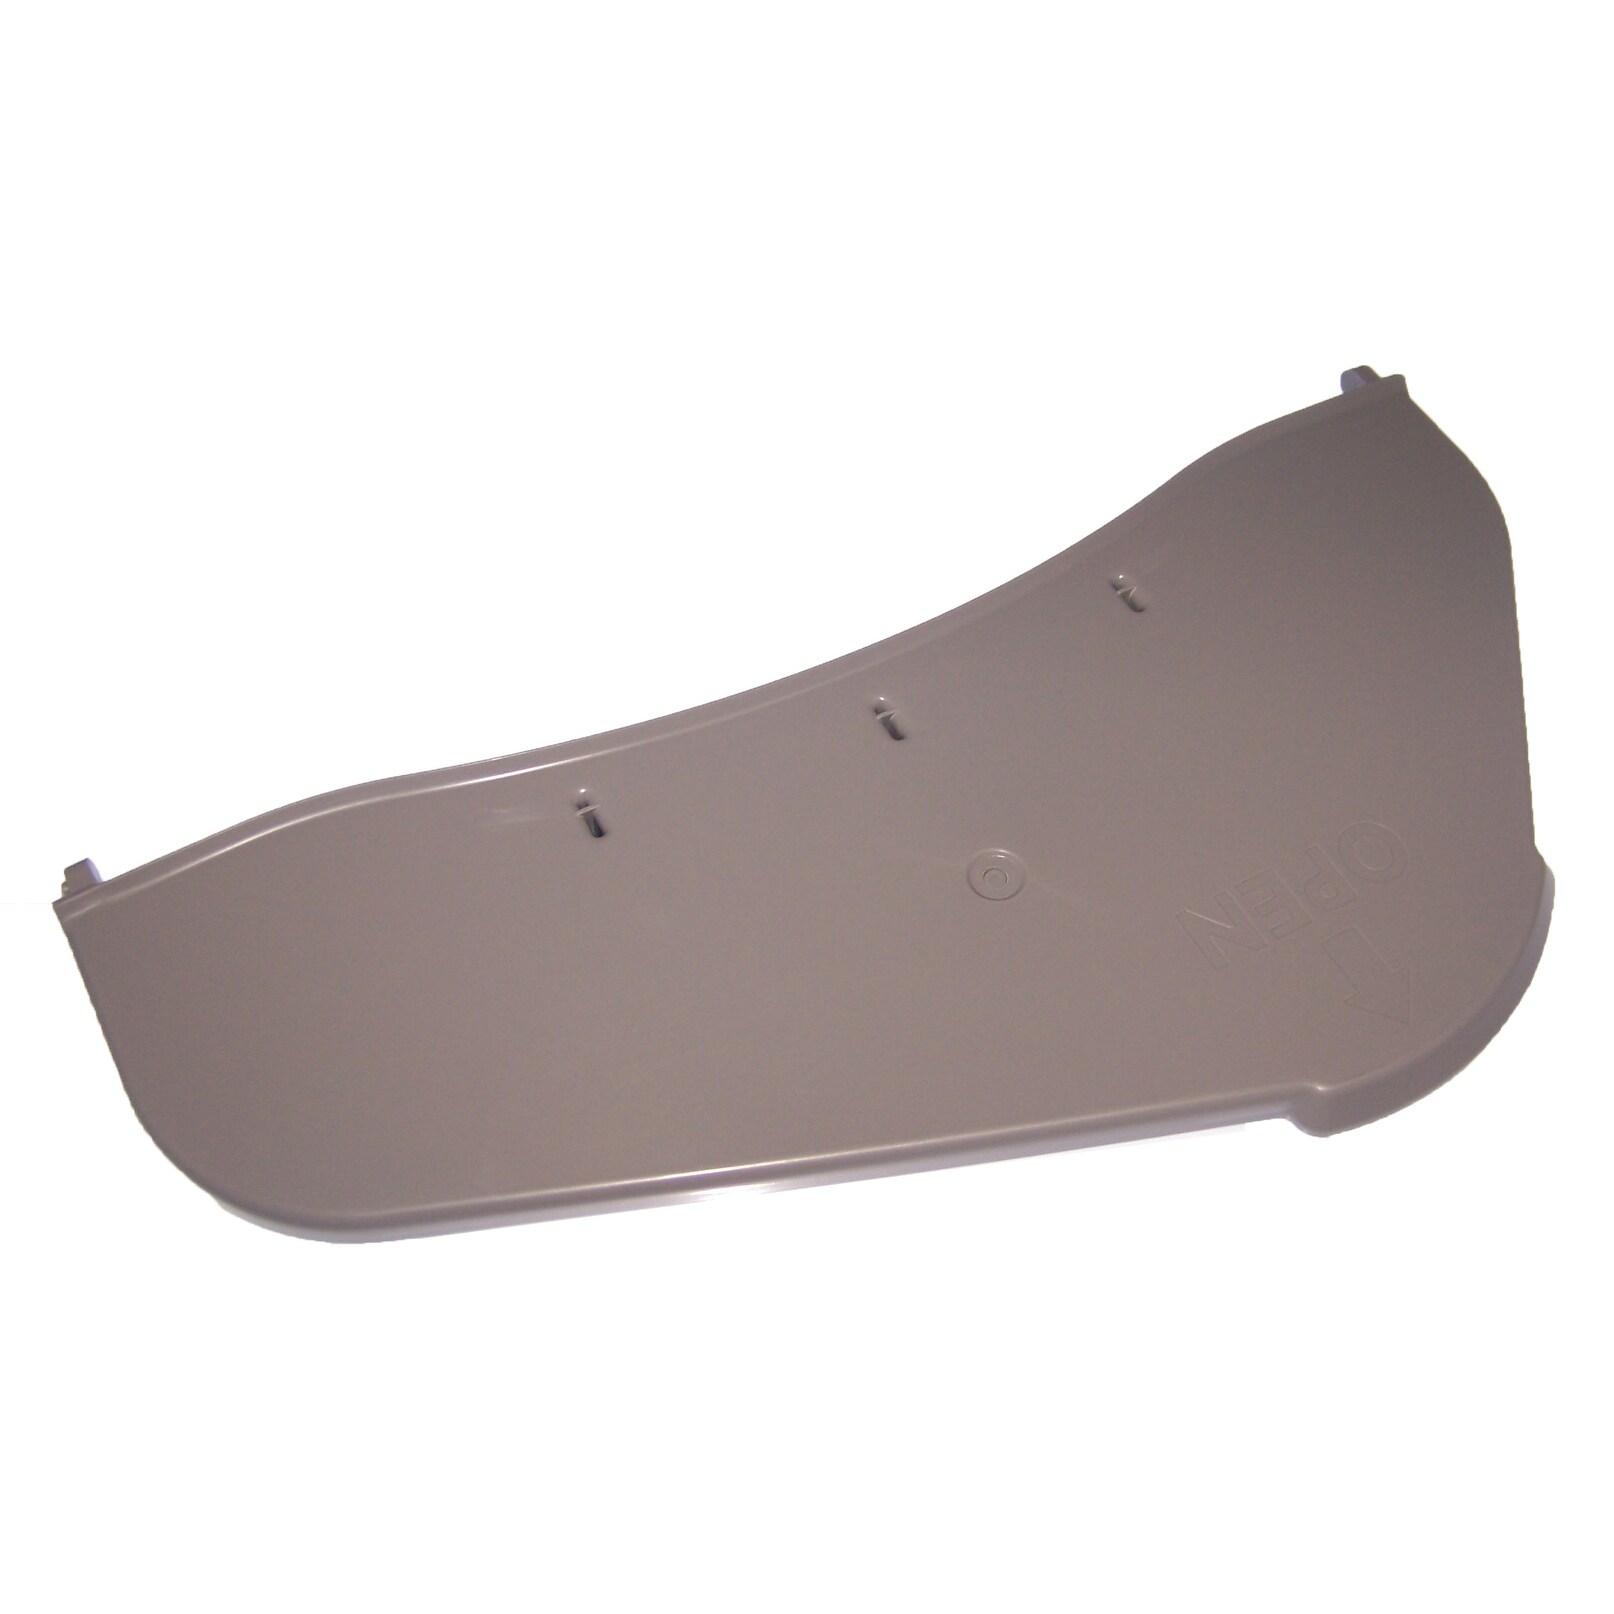 DV393ETPAWR//A1 DV393ETPARA//A1 DV393ETPAWR//AC OEM Samsung Dryer Lint Filter Screen Cover For DV393ETPARA DV393ETPAWR